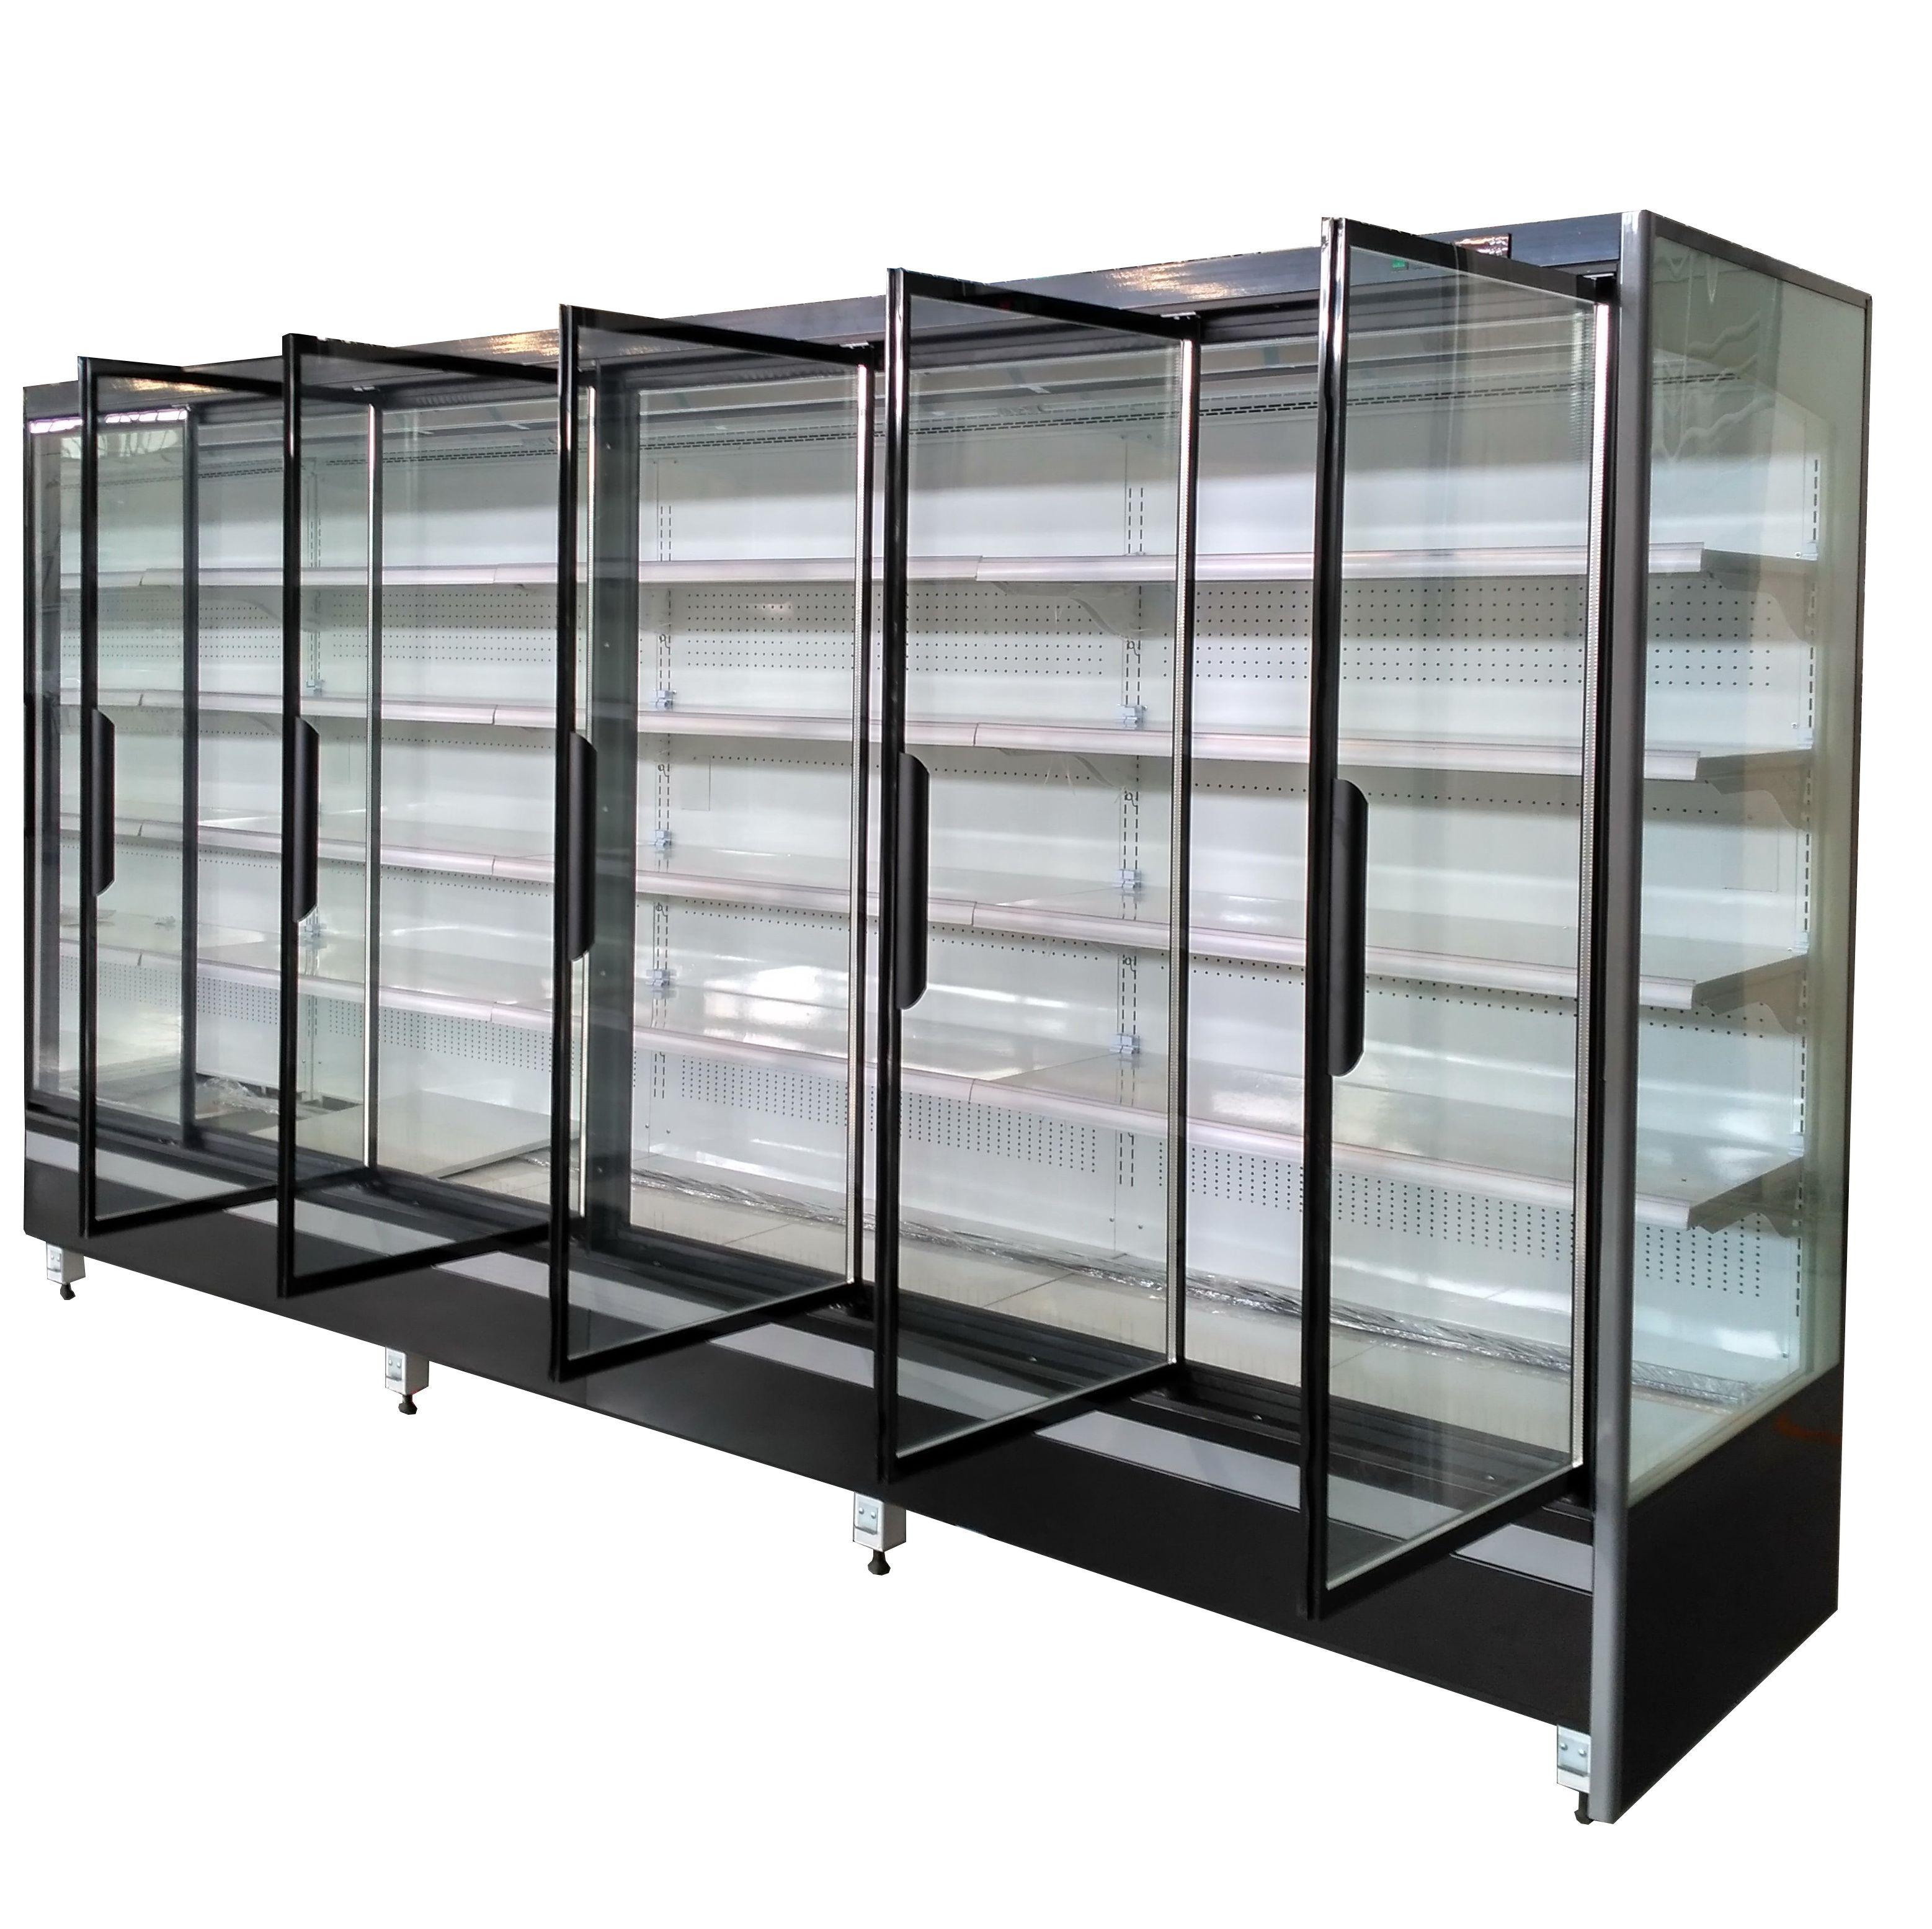 Supermarket Food Display Glass Door Refrigerator Curvedglasscooler Curvedglassfreezer Curvedglassfridge